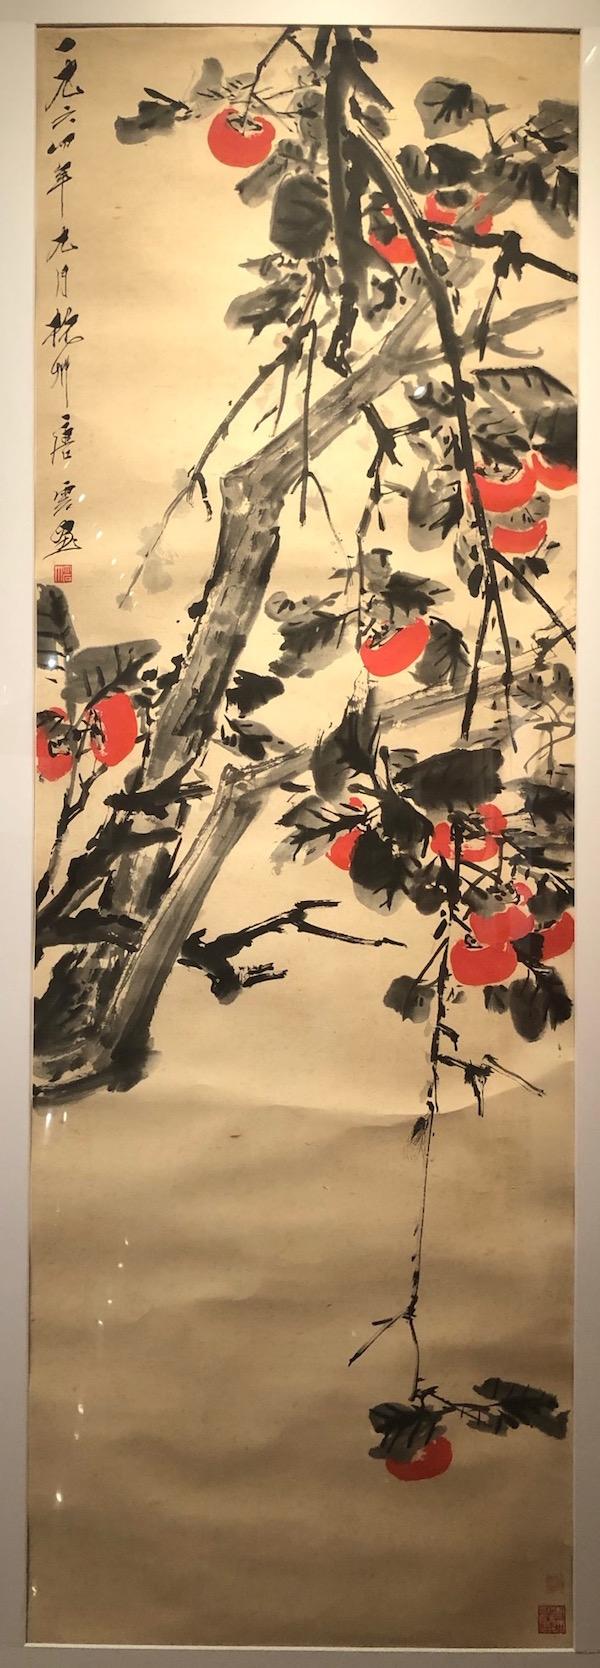 唐云 《红柿》 1964年 上海中国画院藏